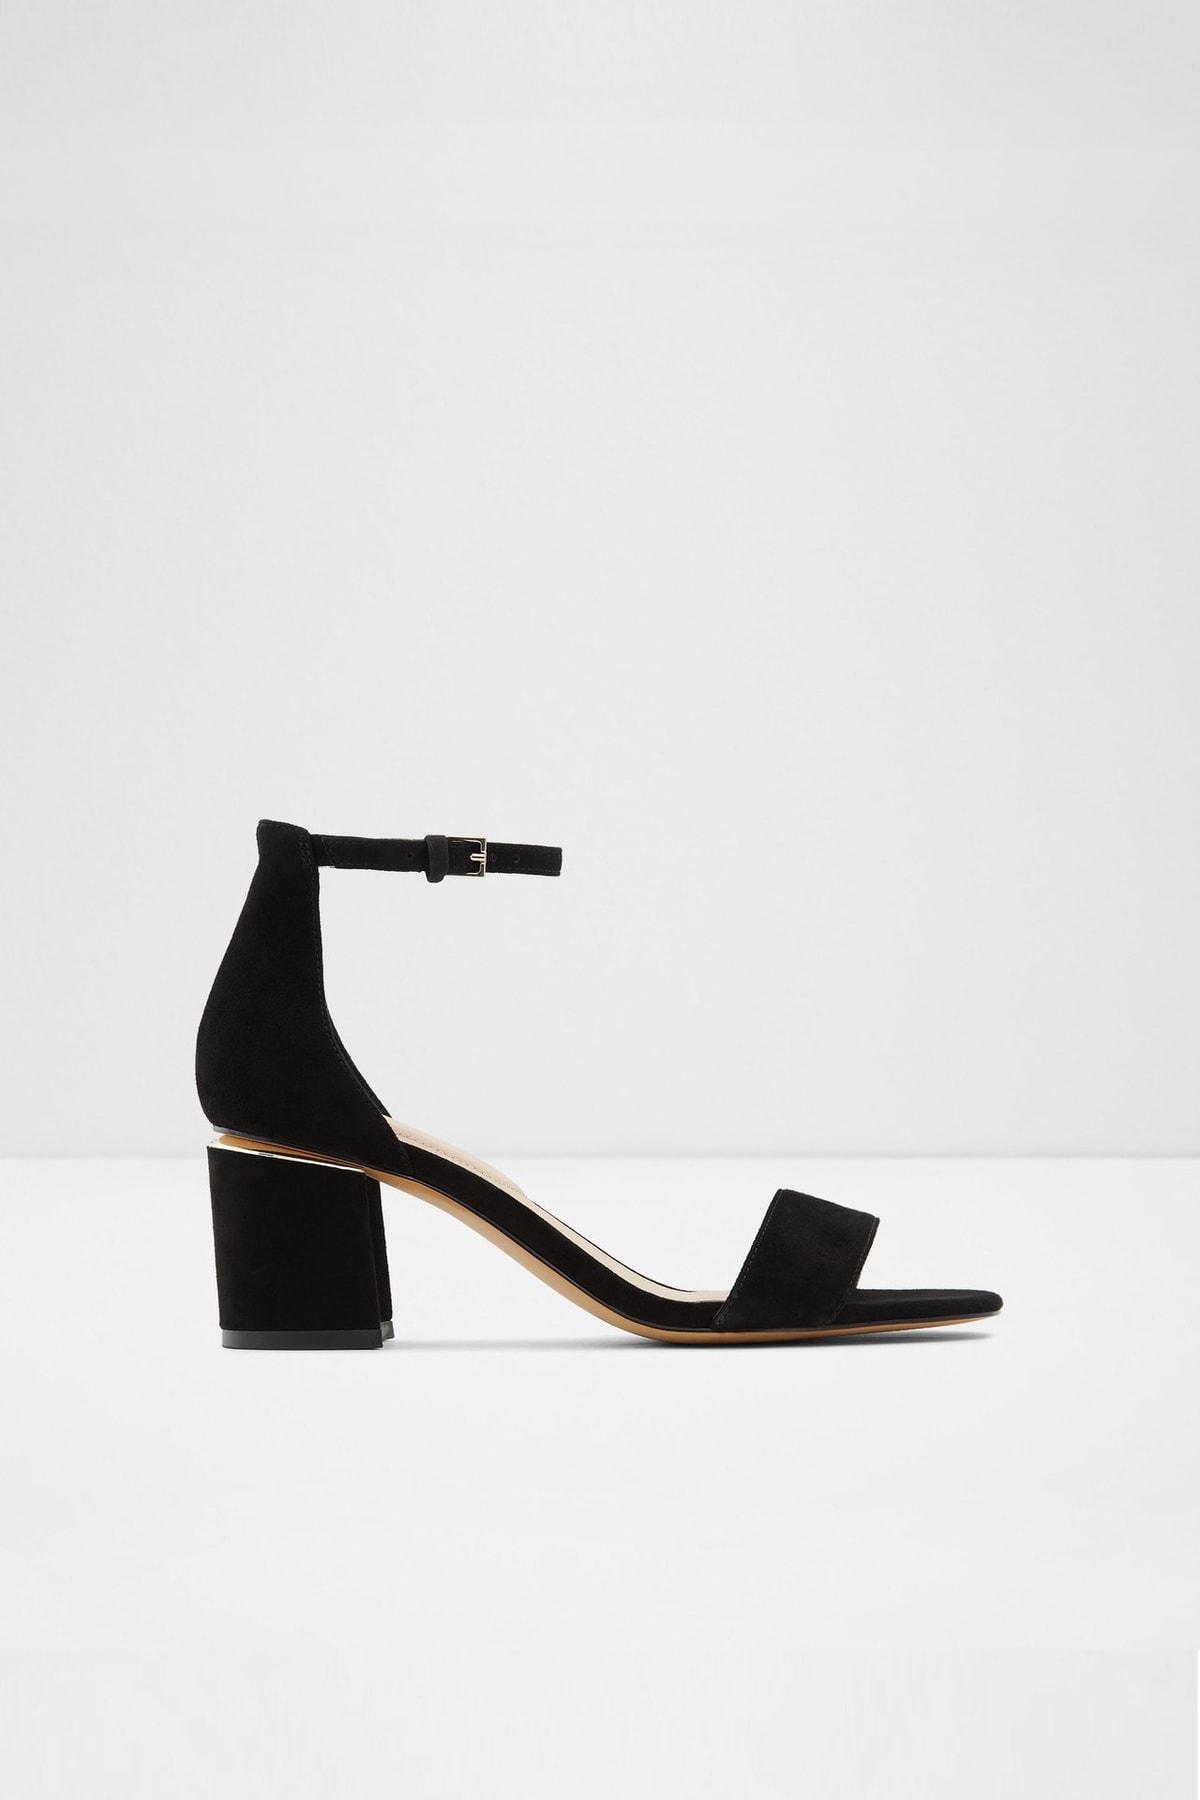 Aldo Valentına - Siyah Orta Topuklu Sandalet 1